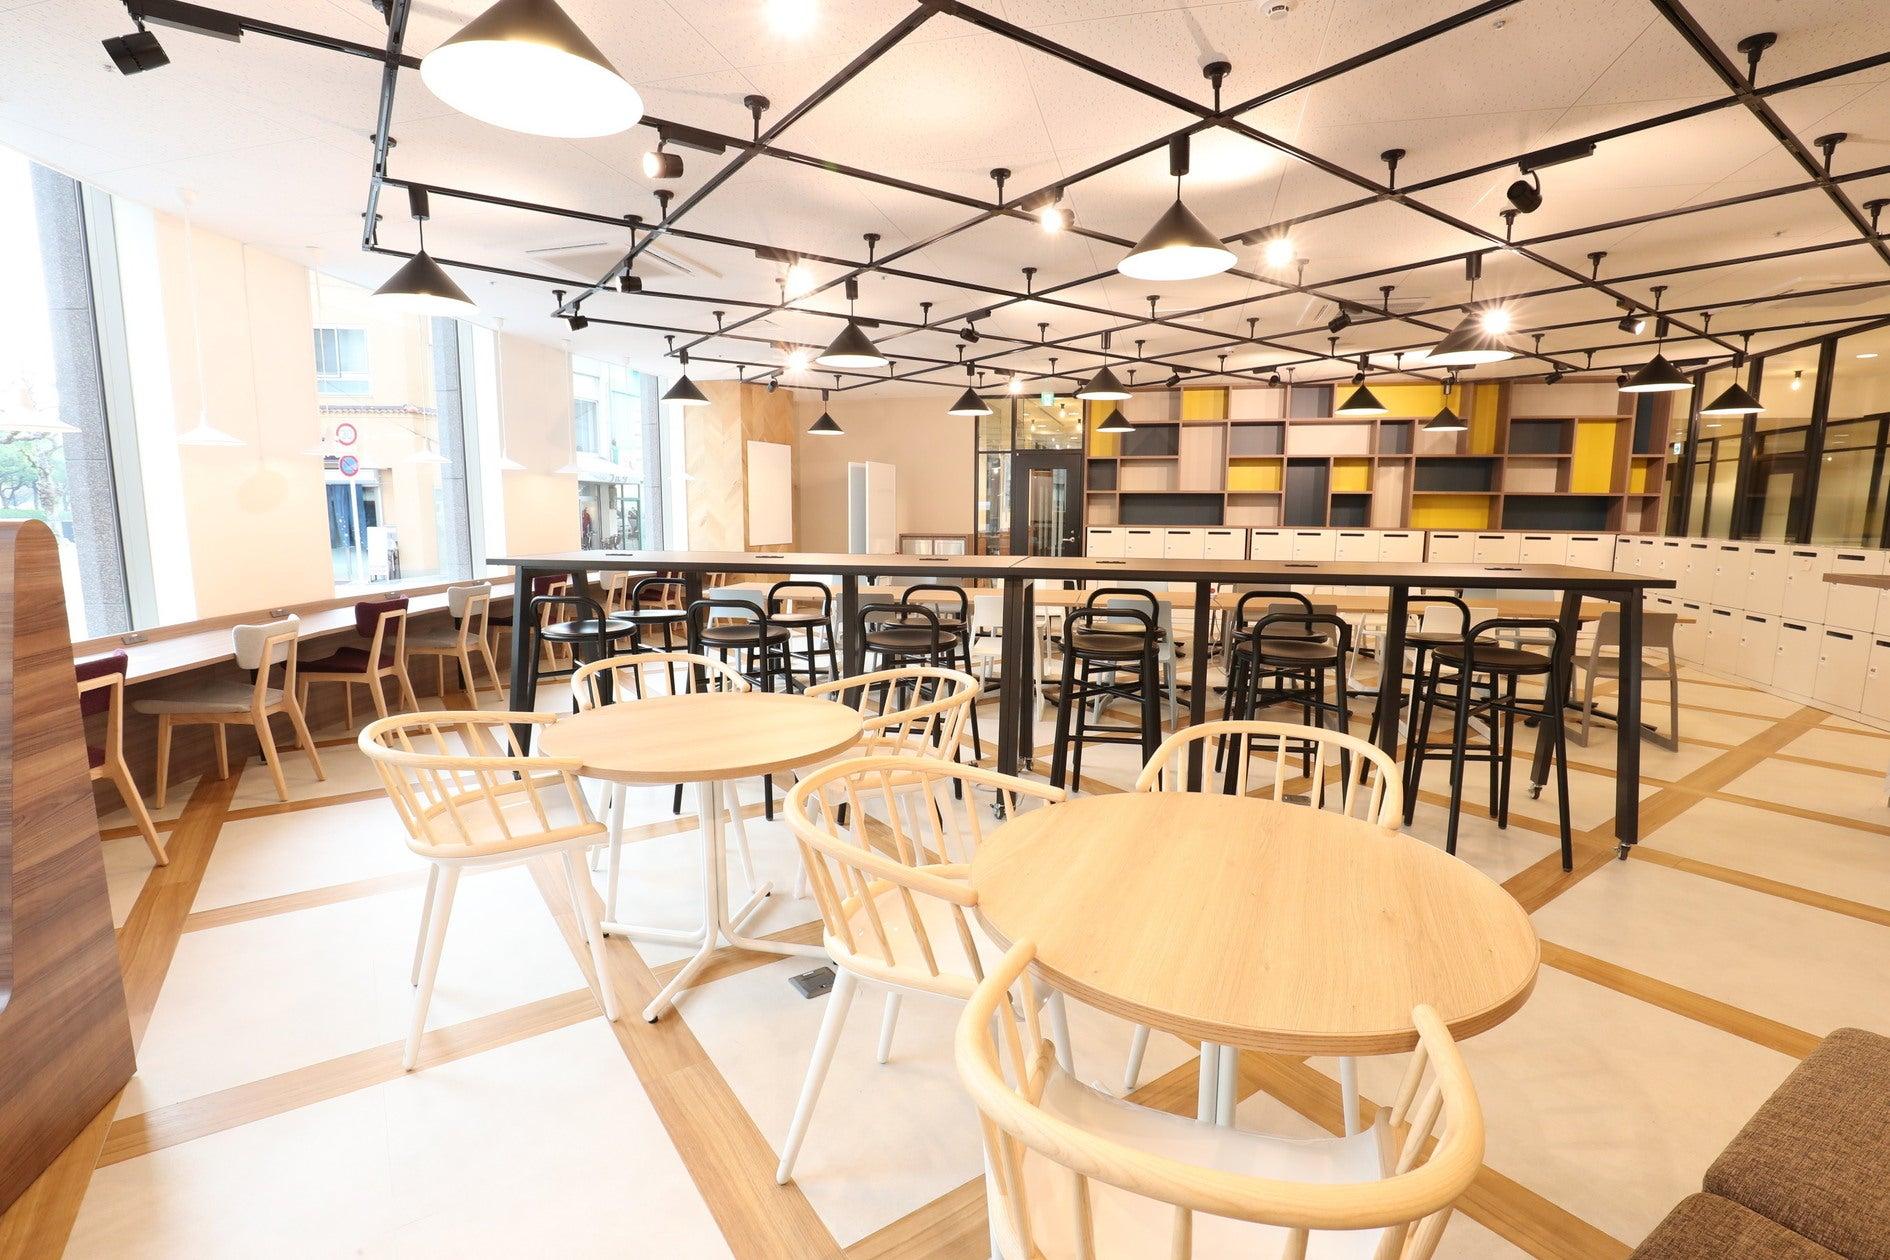 【広島駅徒歩5分】2017年オープン!明るく開放的なスペースで、セミナーや説明会、各種イベントにご利用いただけます! の写真